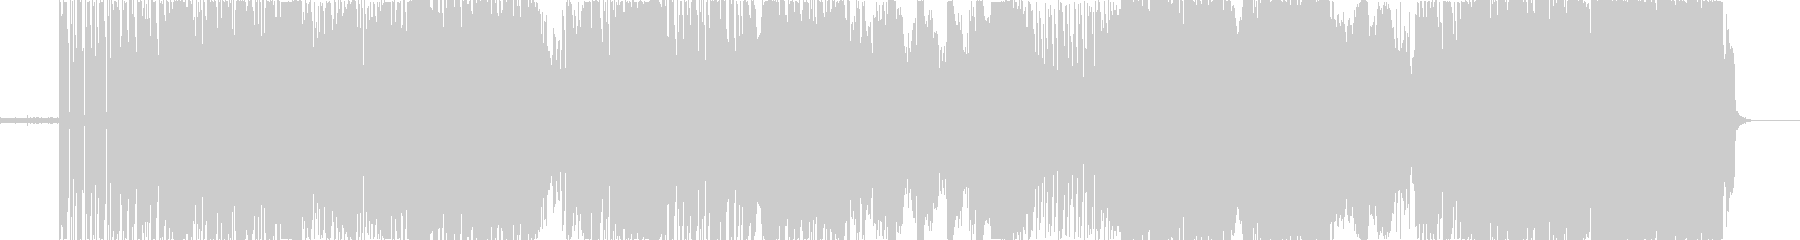 音声サンプル付きのブレイクビート/...の未再生の波形